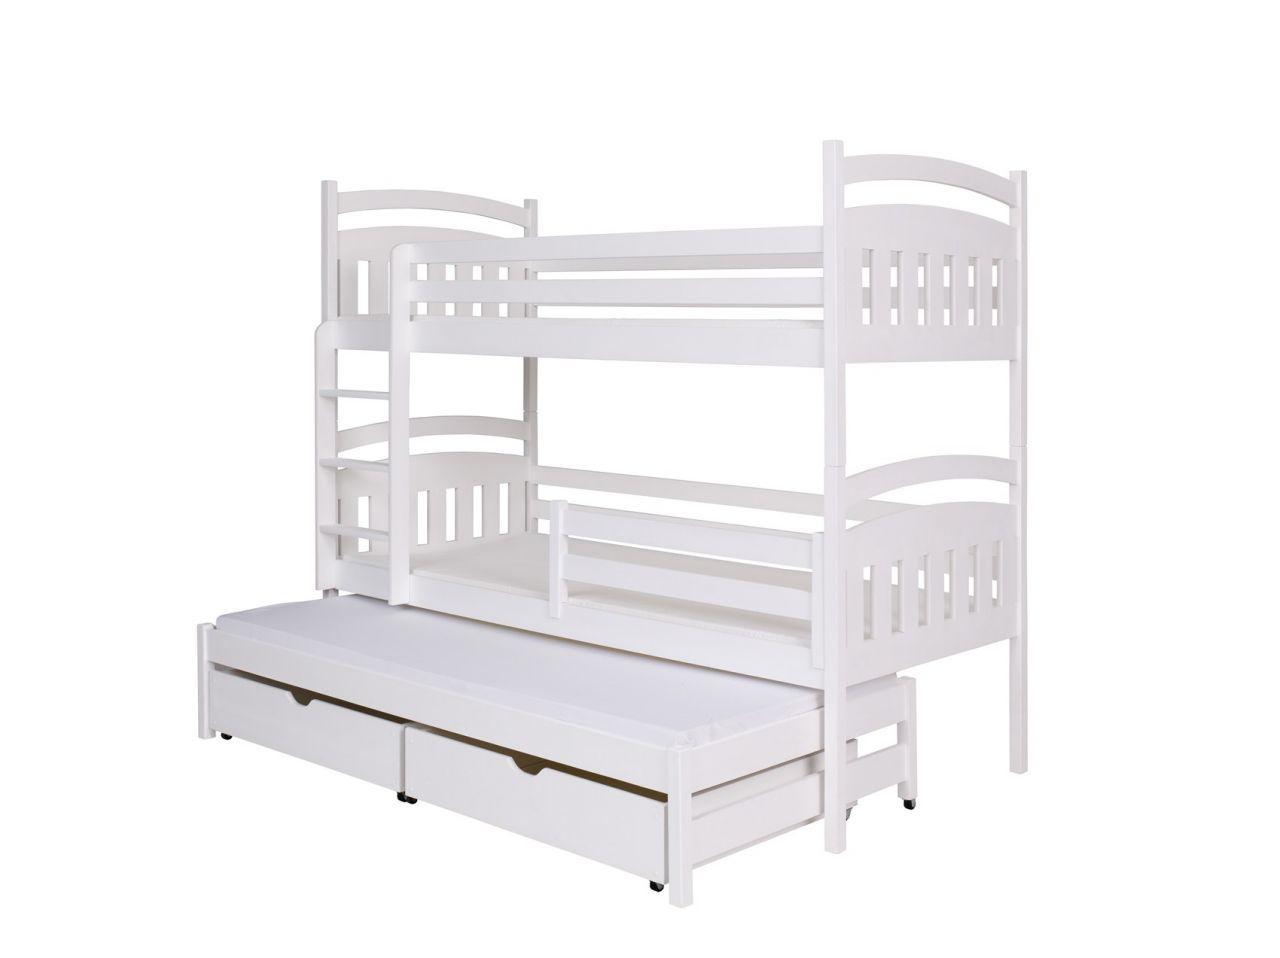 Etagenbett Liegefläche 80 180 : Etagenbett für erwachsene weiß nische teilbar mit